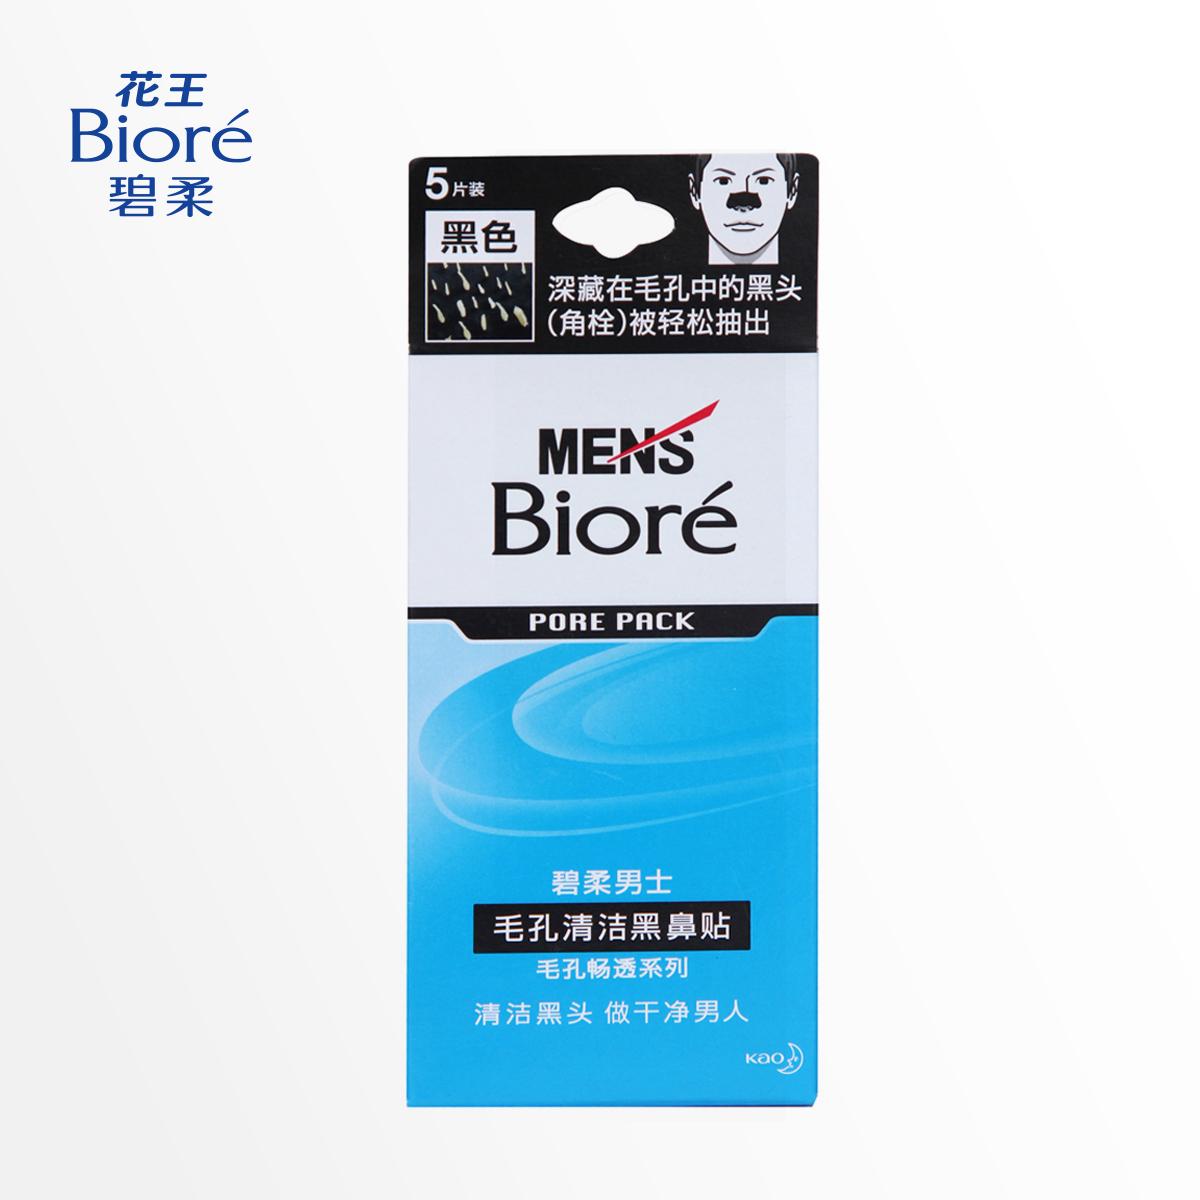 Biore/ цветок король синий мягкий мужской волосы отверстие чистый черный нос паста 5 лист идти черноголовых порошок шип сокращаться волосы отверстие рвать тянуть